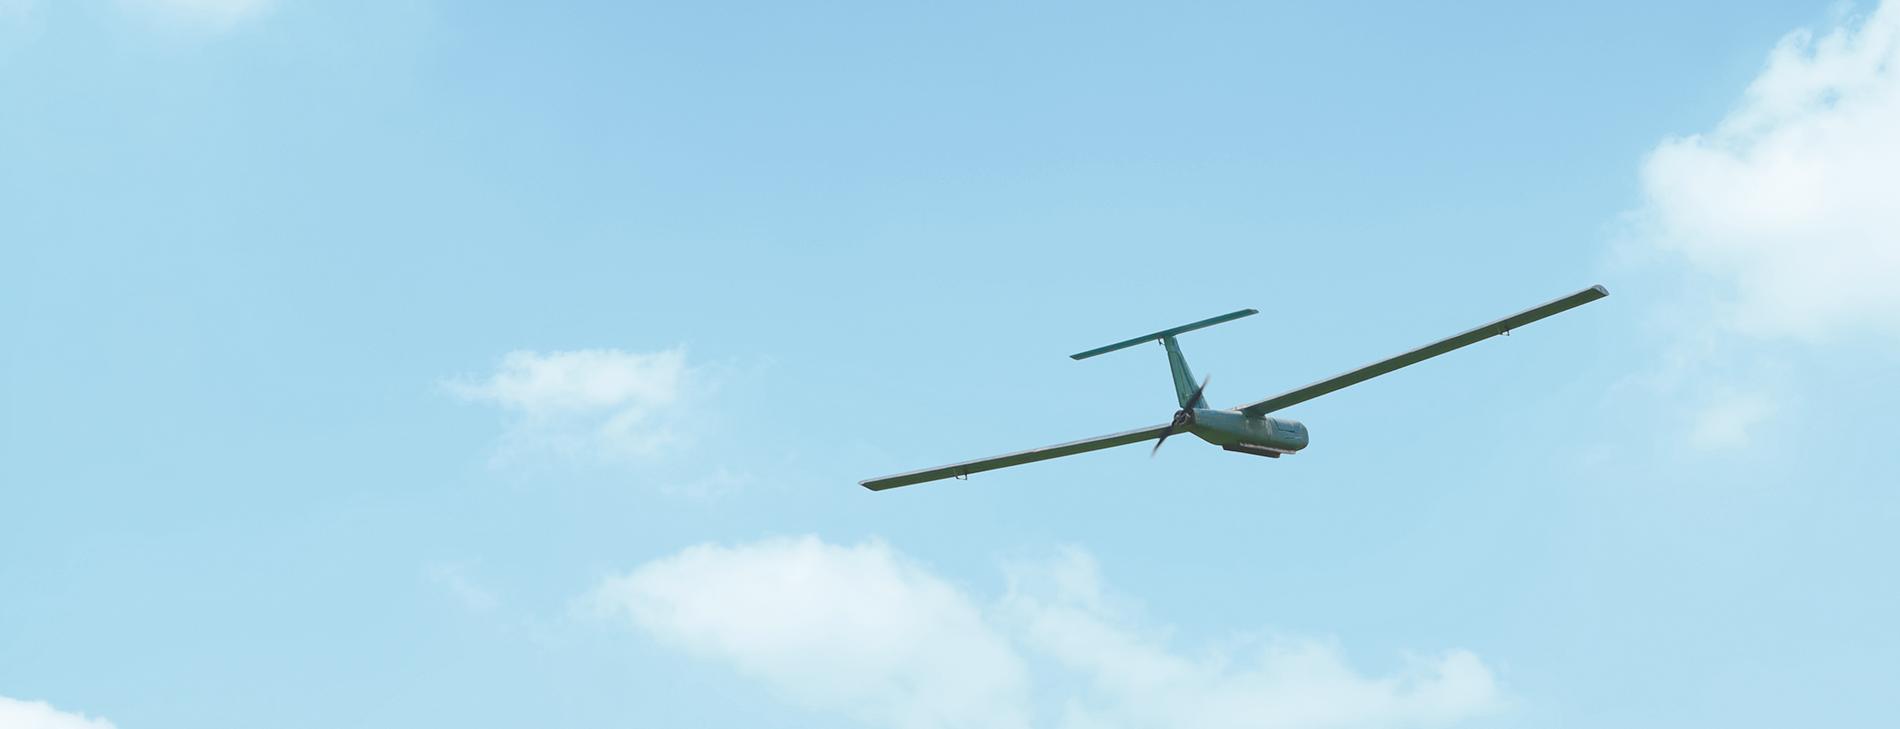 Eyercraft 2100 mini UAV flying